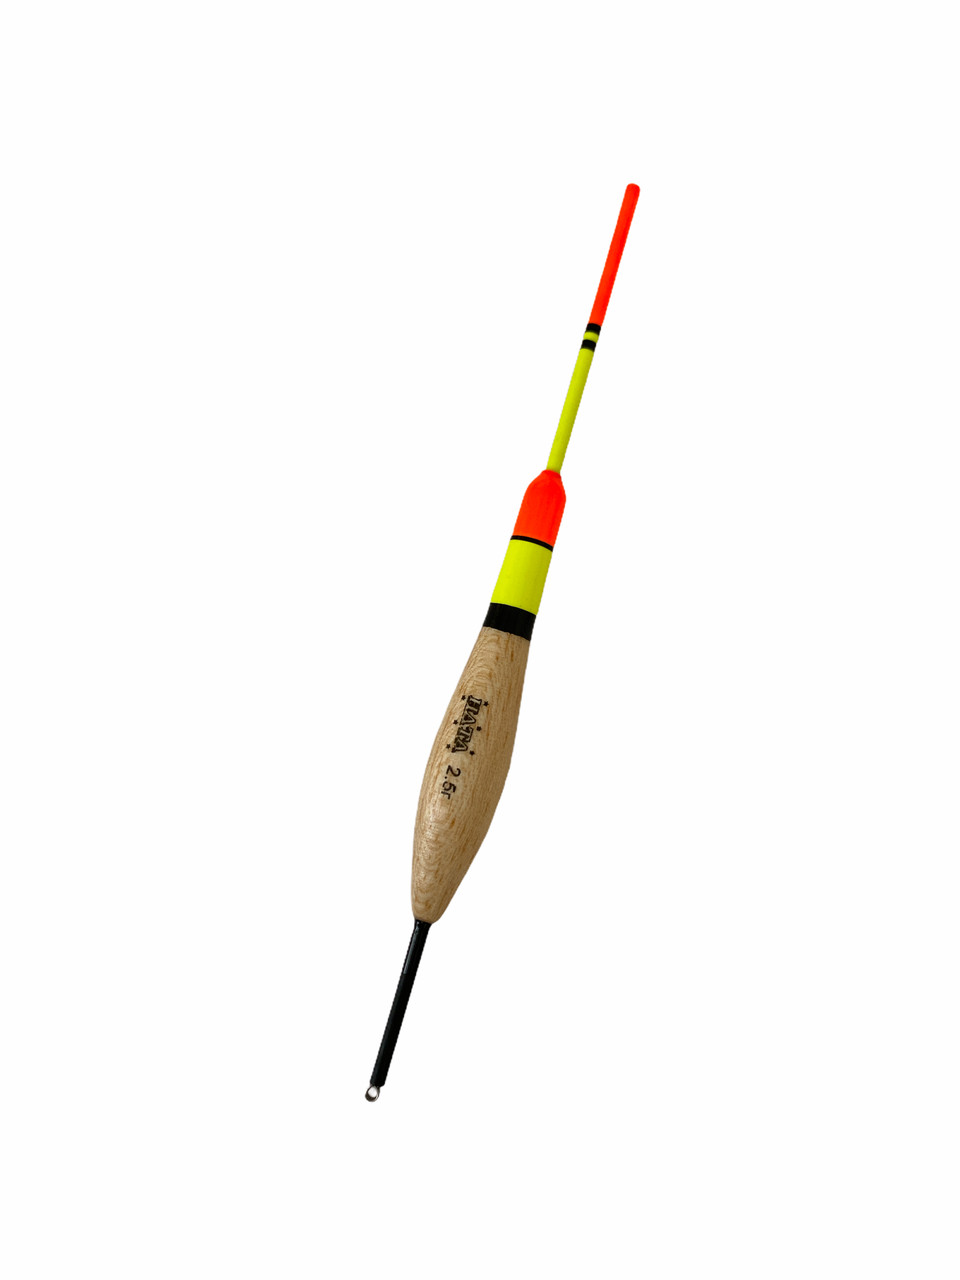 Поплавок НАТА Model 08 вес 3 гр